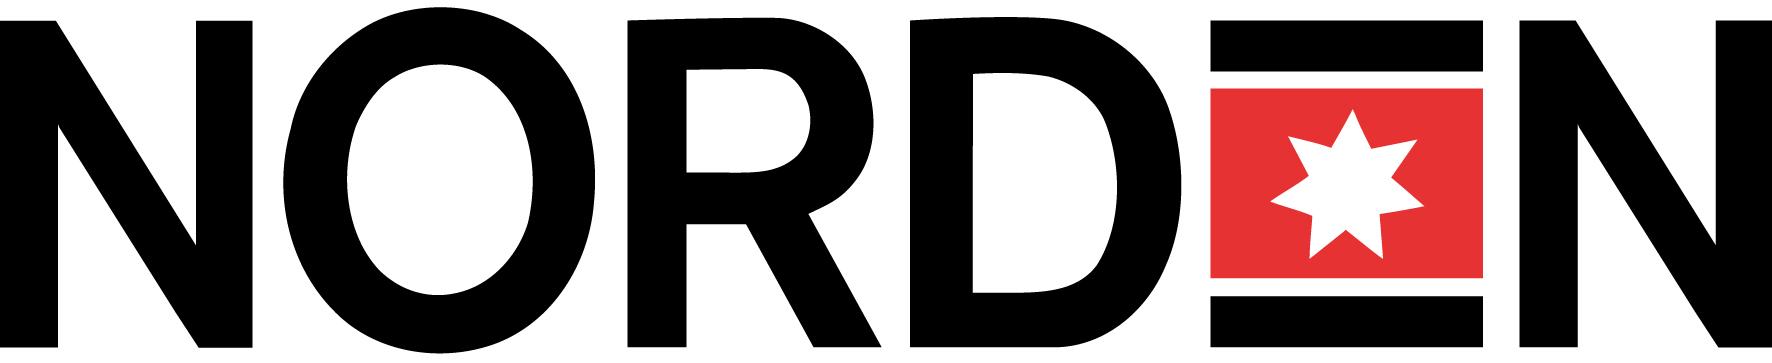 Norden-logo_RGB